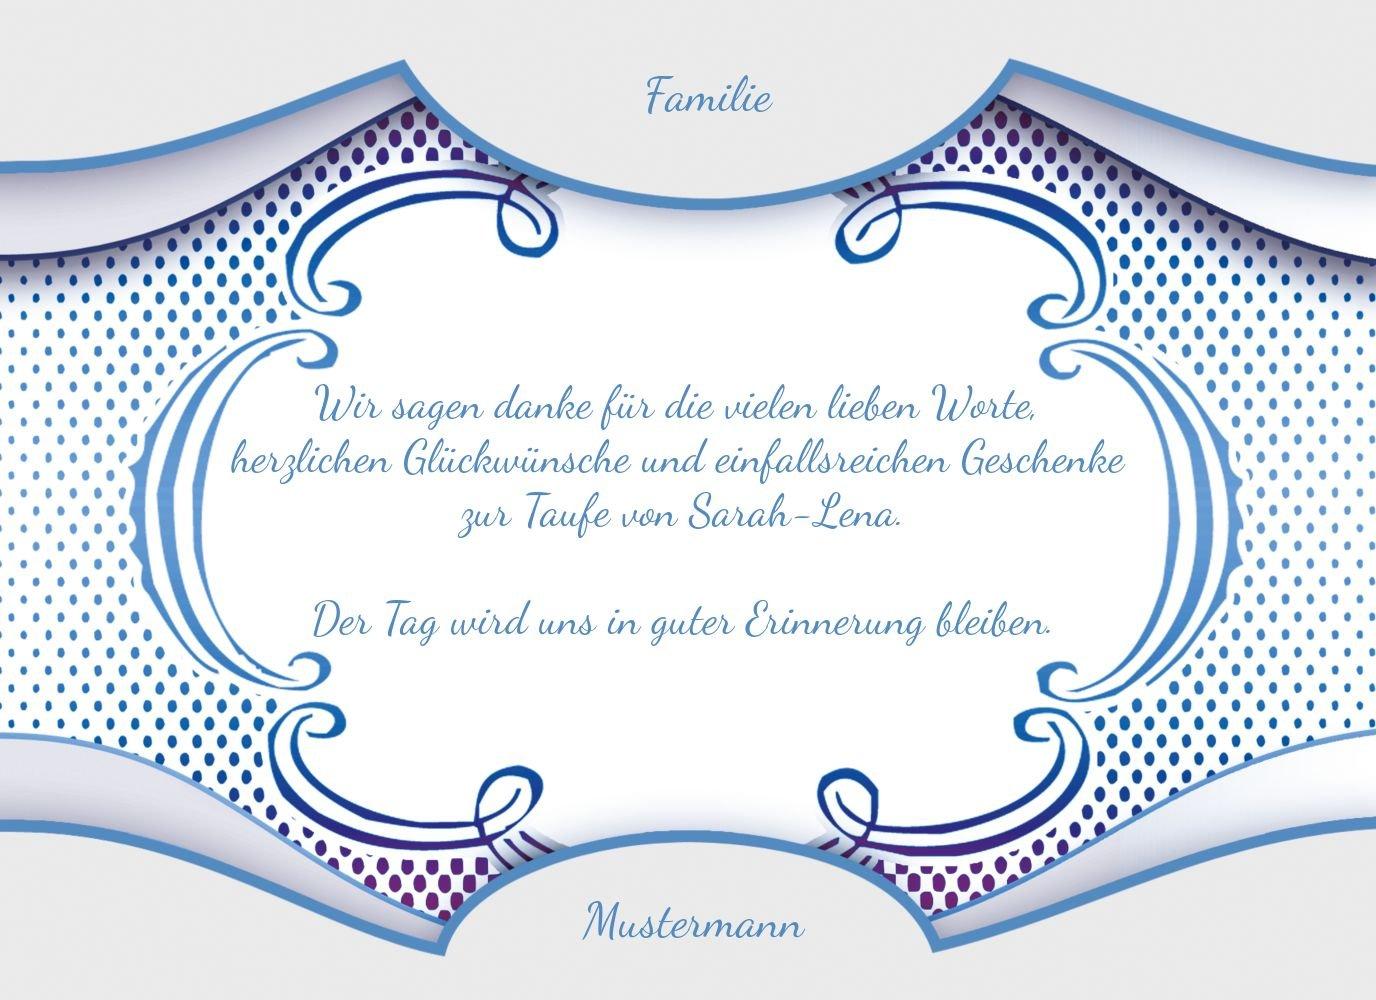 Kartenparadies Dankeskarte Taufe Taufe Taufe Taufe Dankes Schale & Rahmen, hochwertige Danksagung für Taufgeschenke inklusive Umschläge   10 Karten - (Format  148x105 mm) Farbe  Matschgrün B01MSDCFZD | Verkaufspreis  | Gewinnen Sie das Lob der Kunden 0f223f